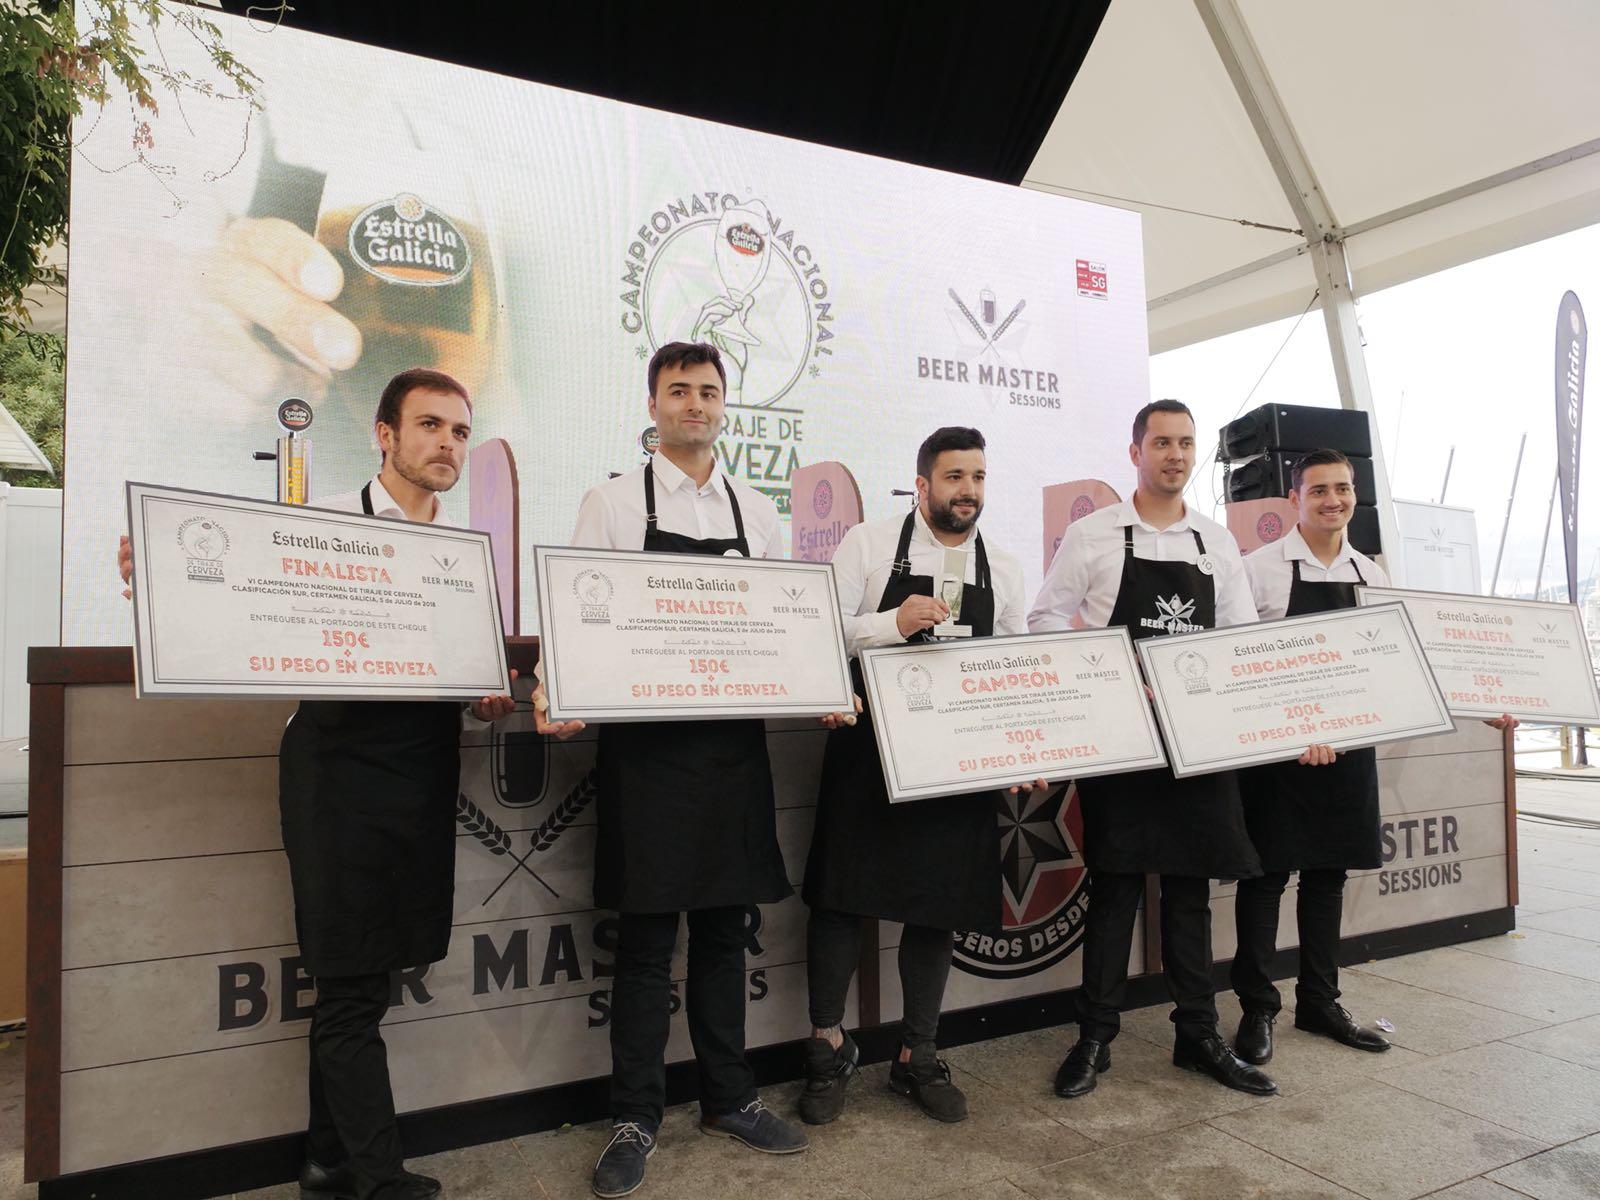 5 Finalistas - Campeonato de Tiraje de Cerveza Estrella Galicia Certamen Galicia Sur